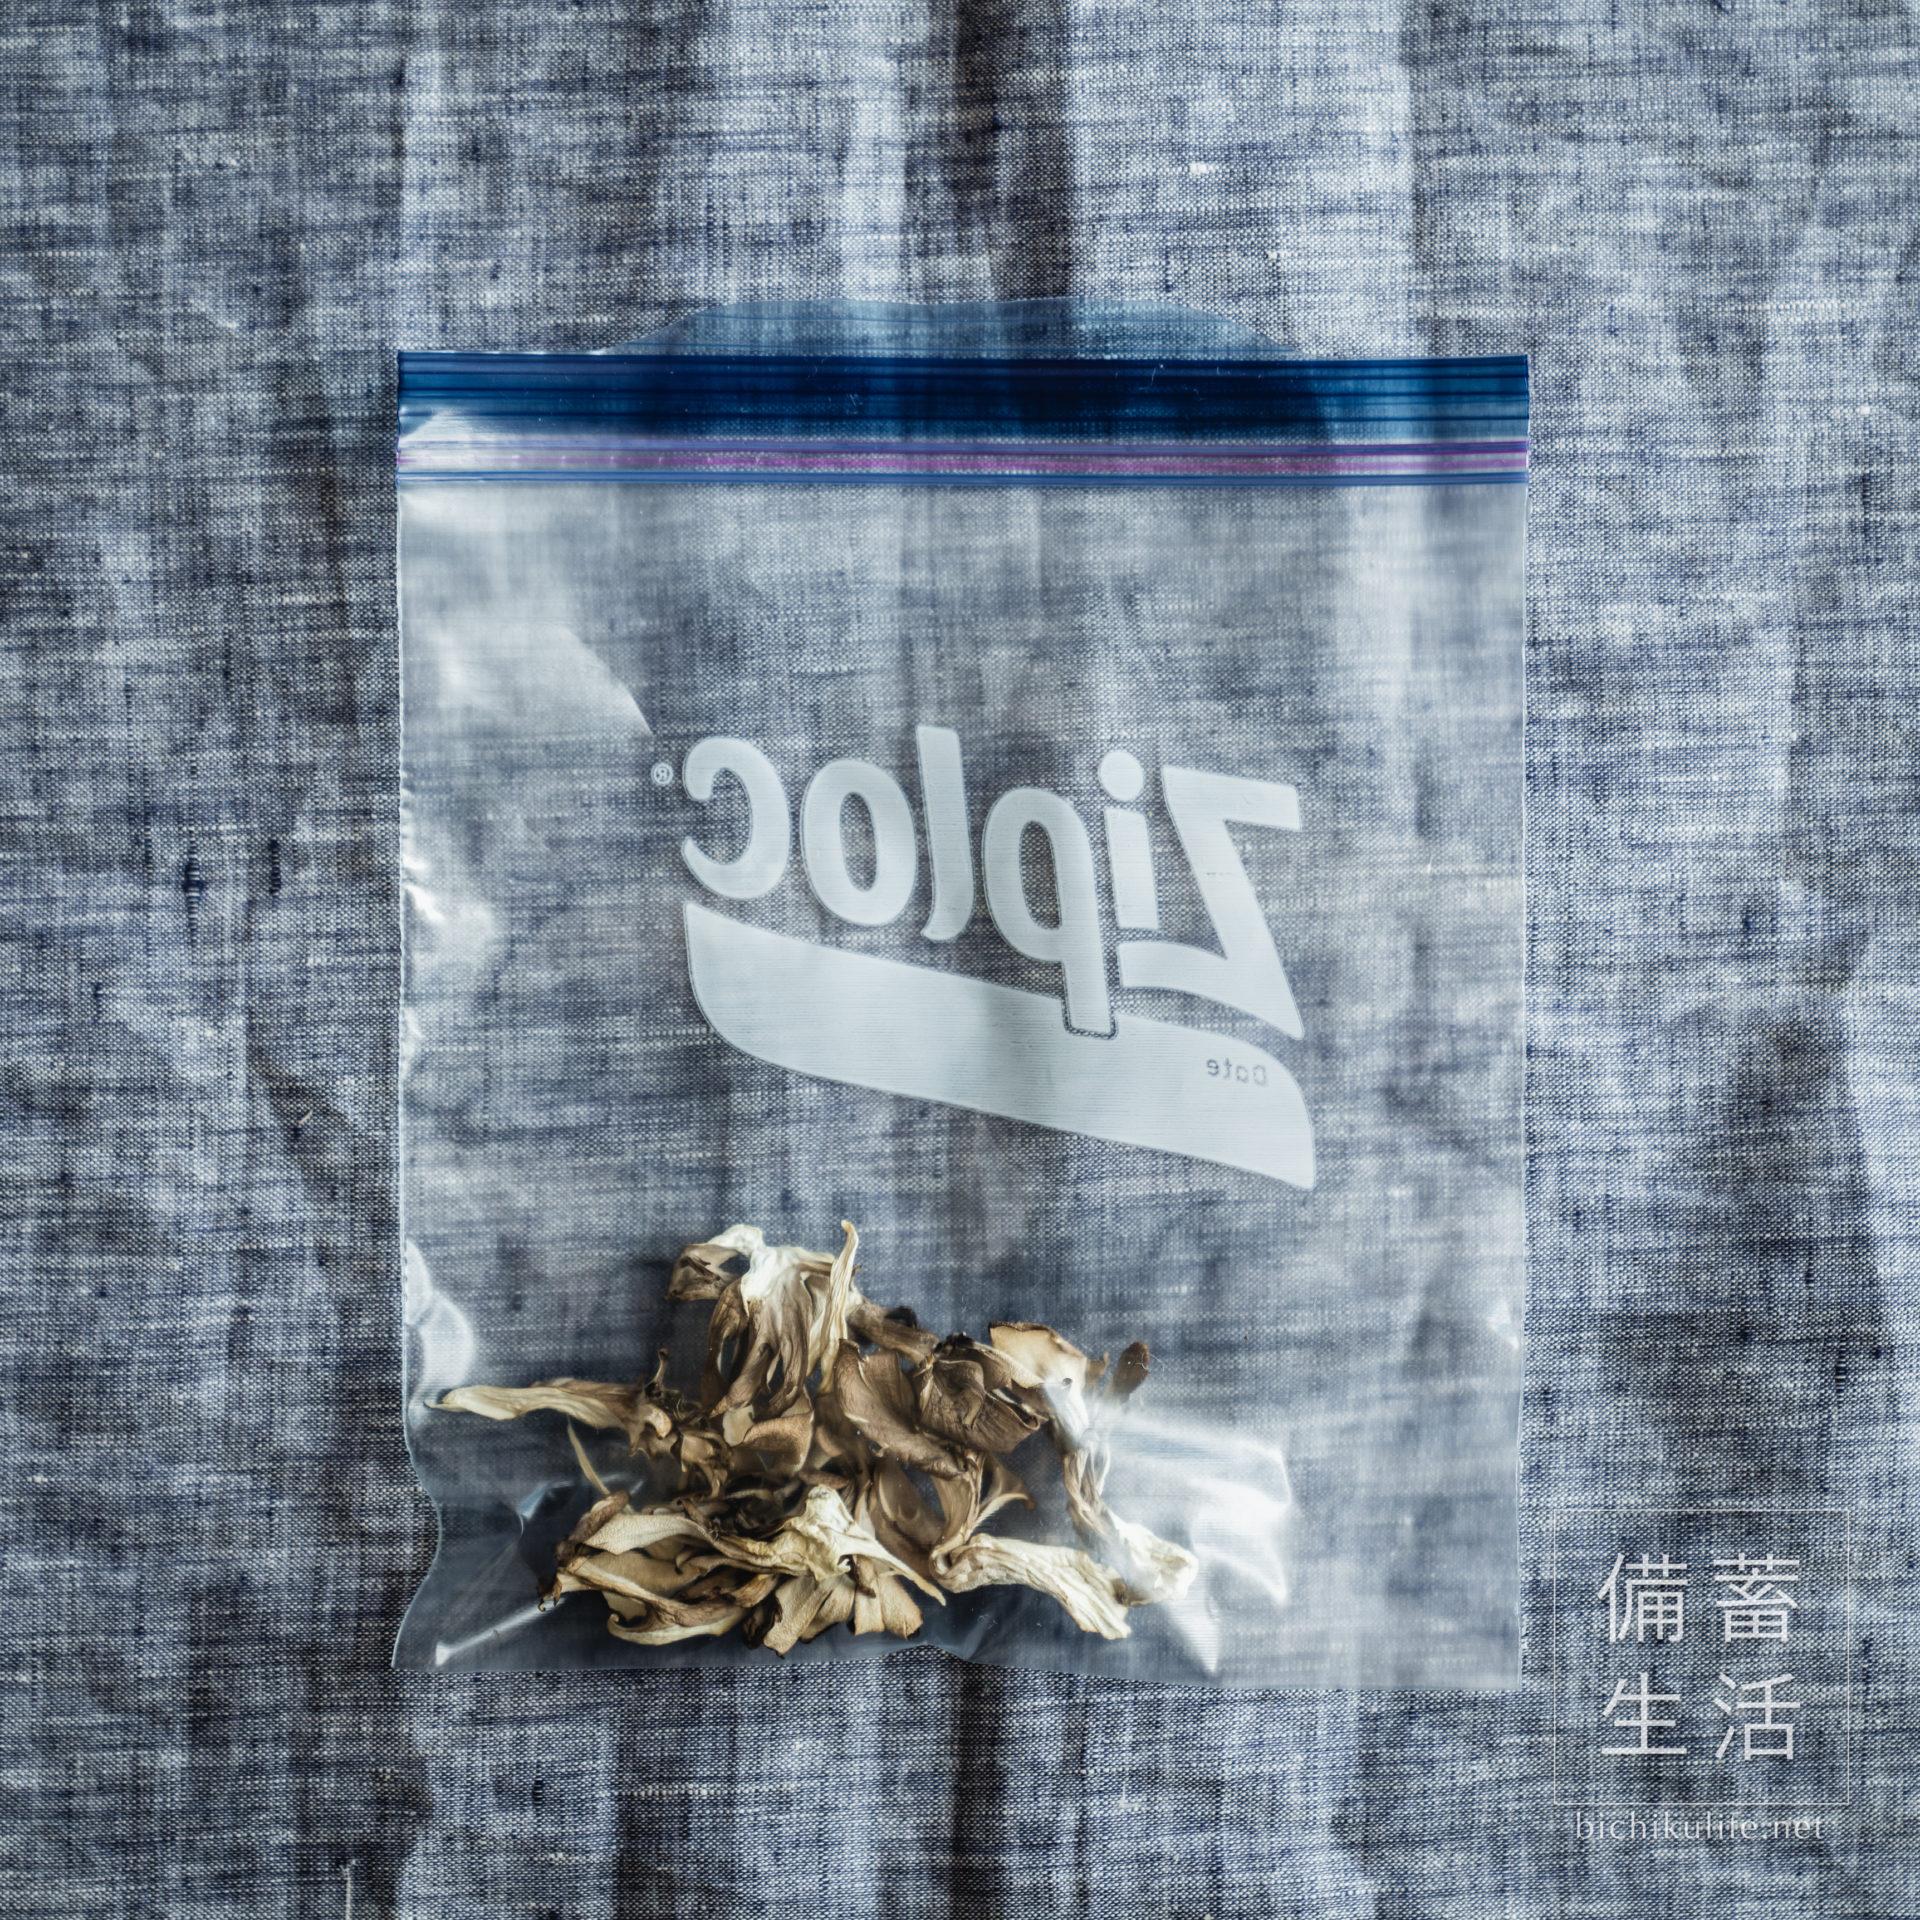 干し舞茸をジップロック(保存袋)で保存